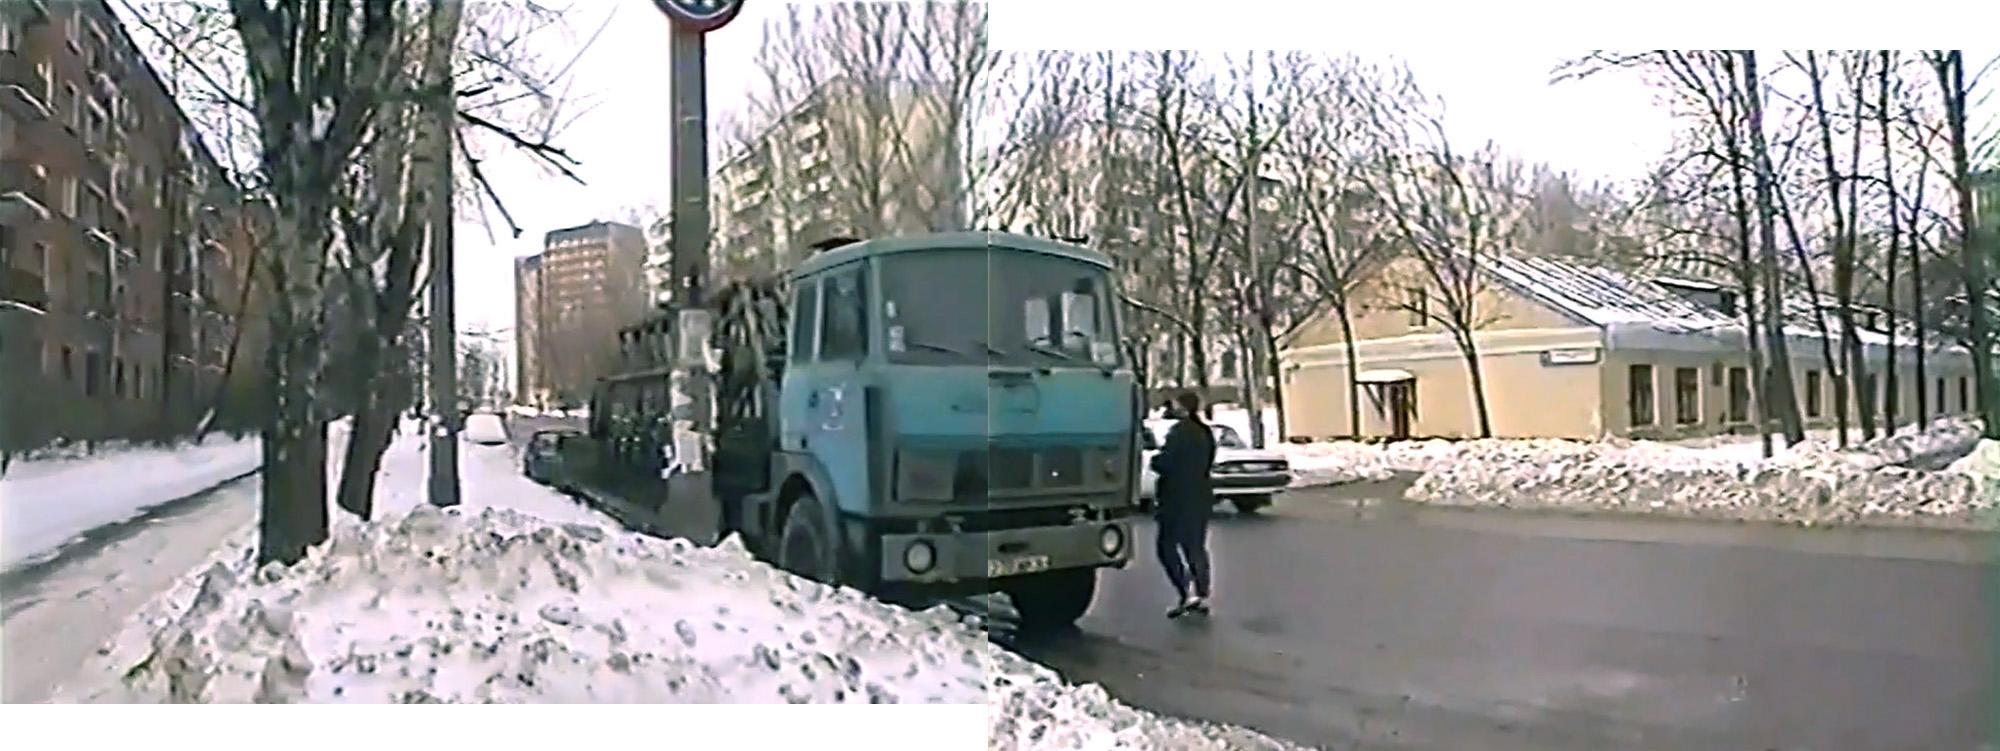 1999 Пржевальского2